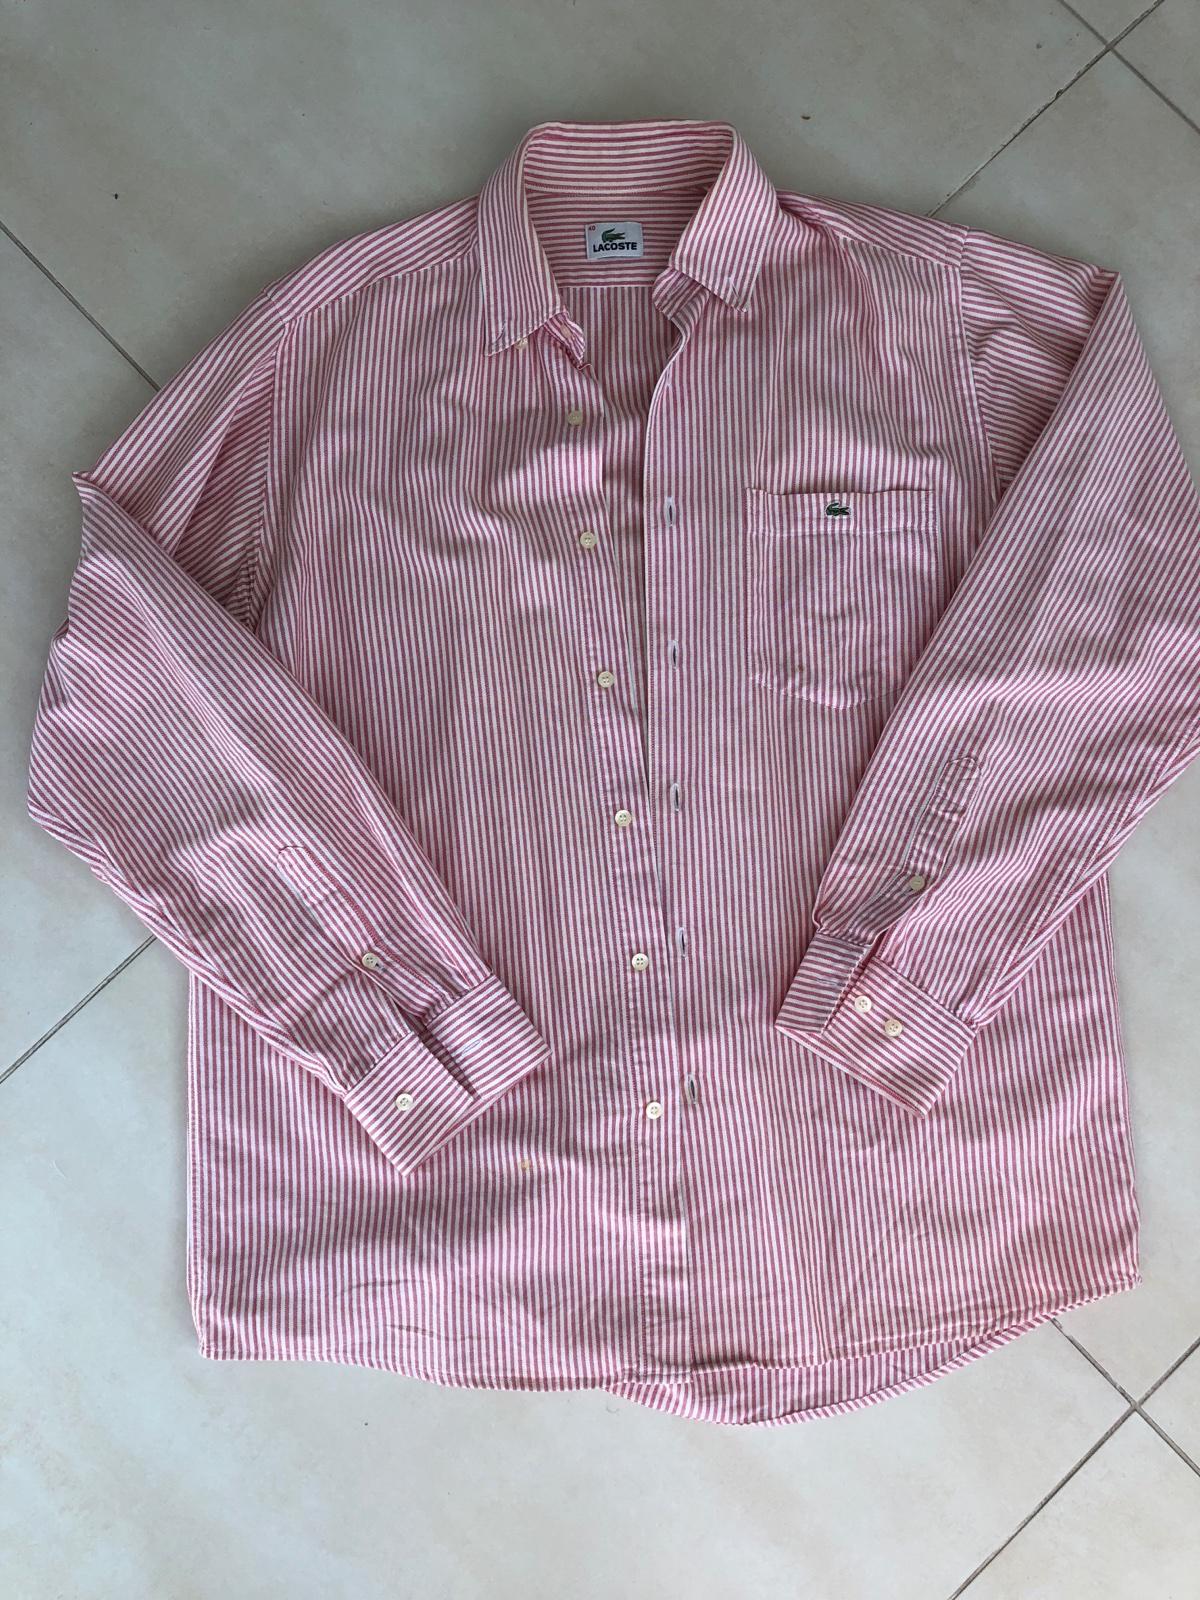 2a5155e31719f Košeľa originál veľkosť 40, lacoste,40 - 10 € od predávajúcej nevdak | Detský  bazár | ModryKonik.sk